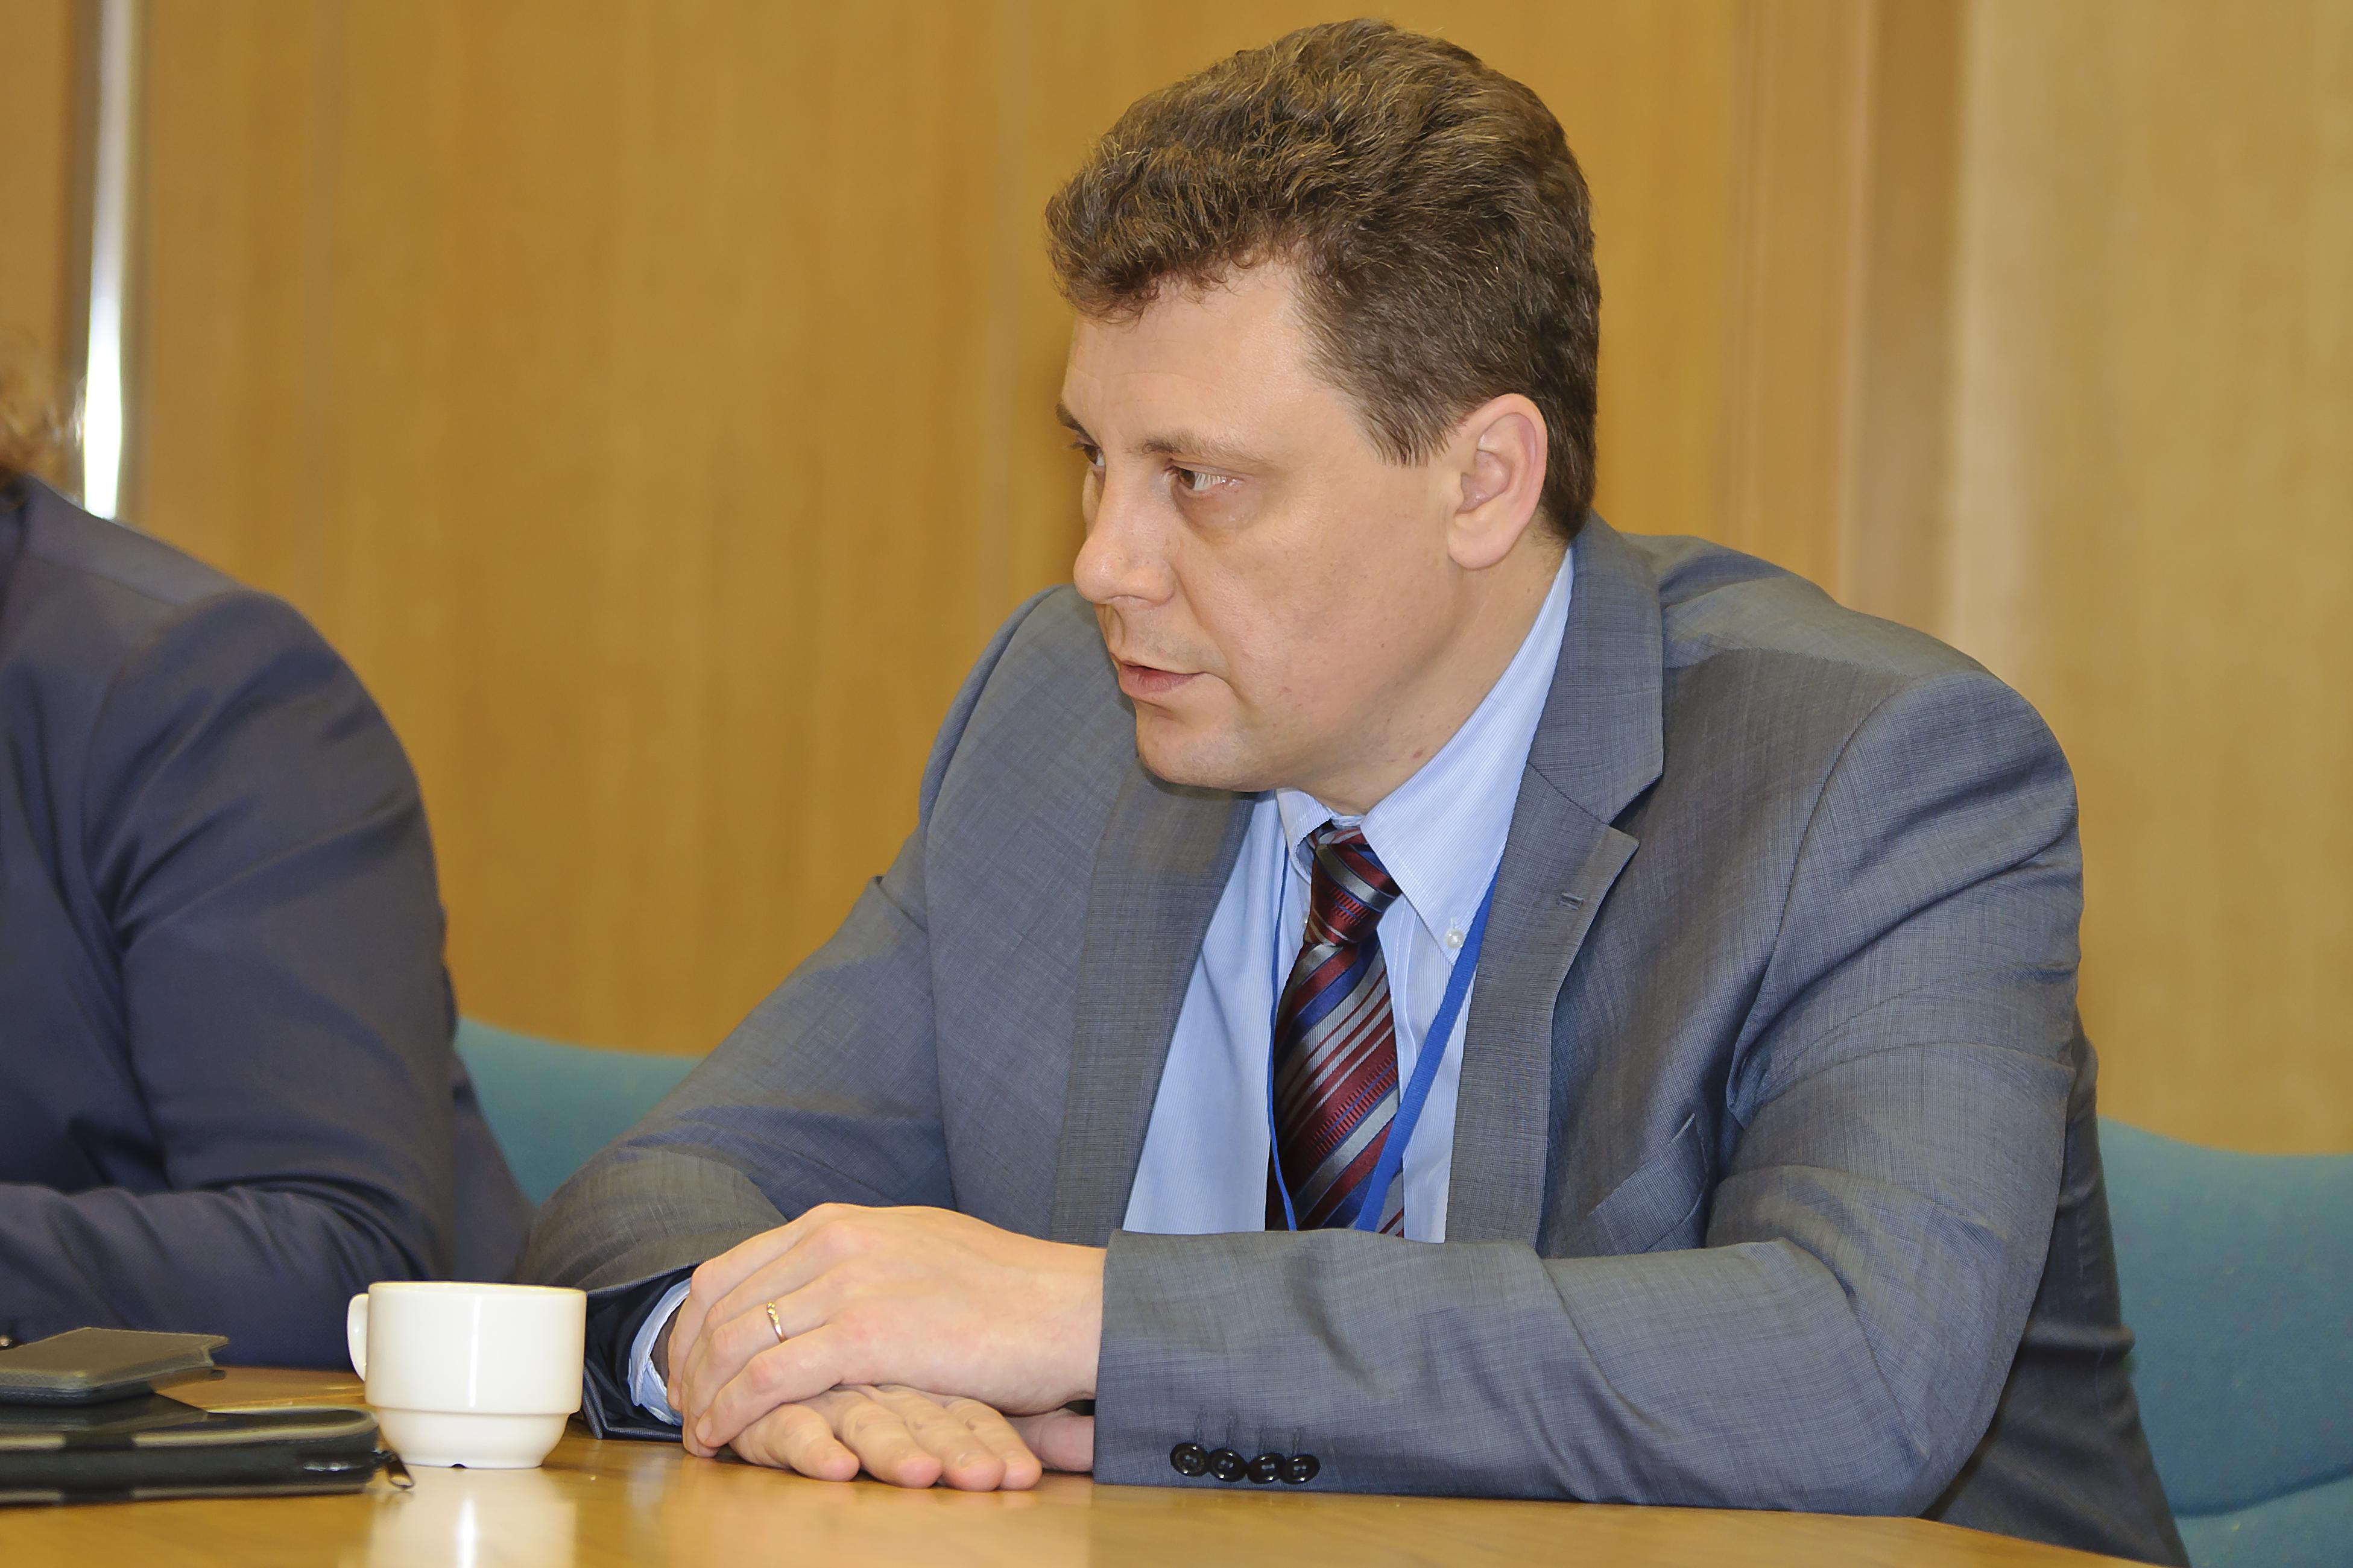 Rozhovor s A. Tuzovem o projektu výzkumného reaktoru MBIR